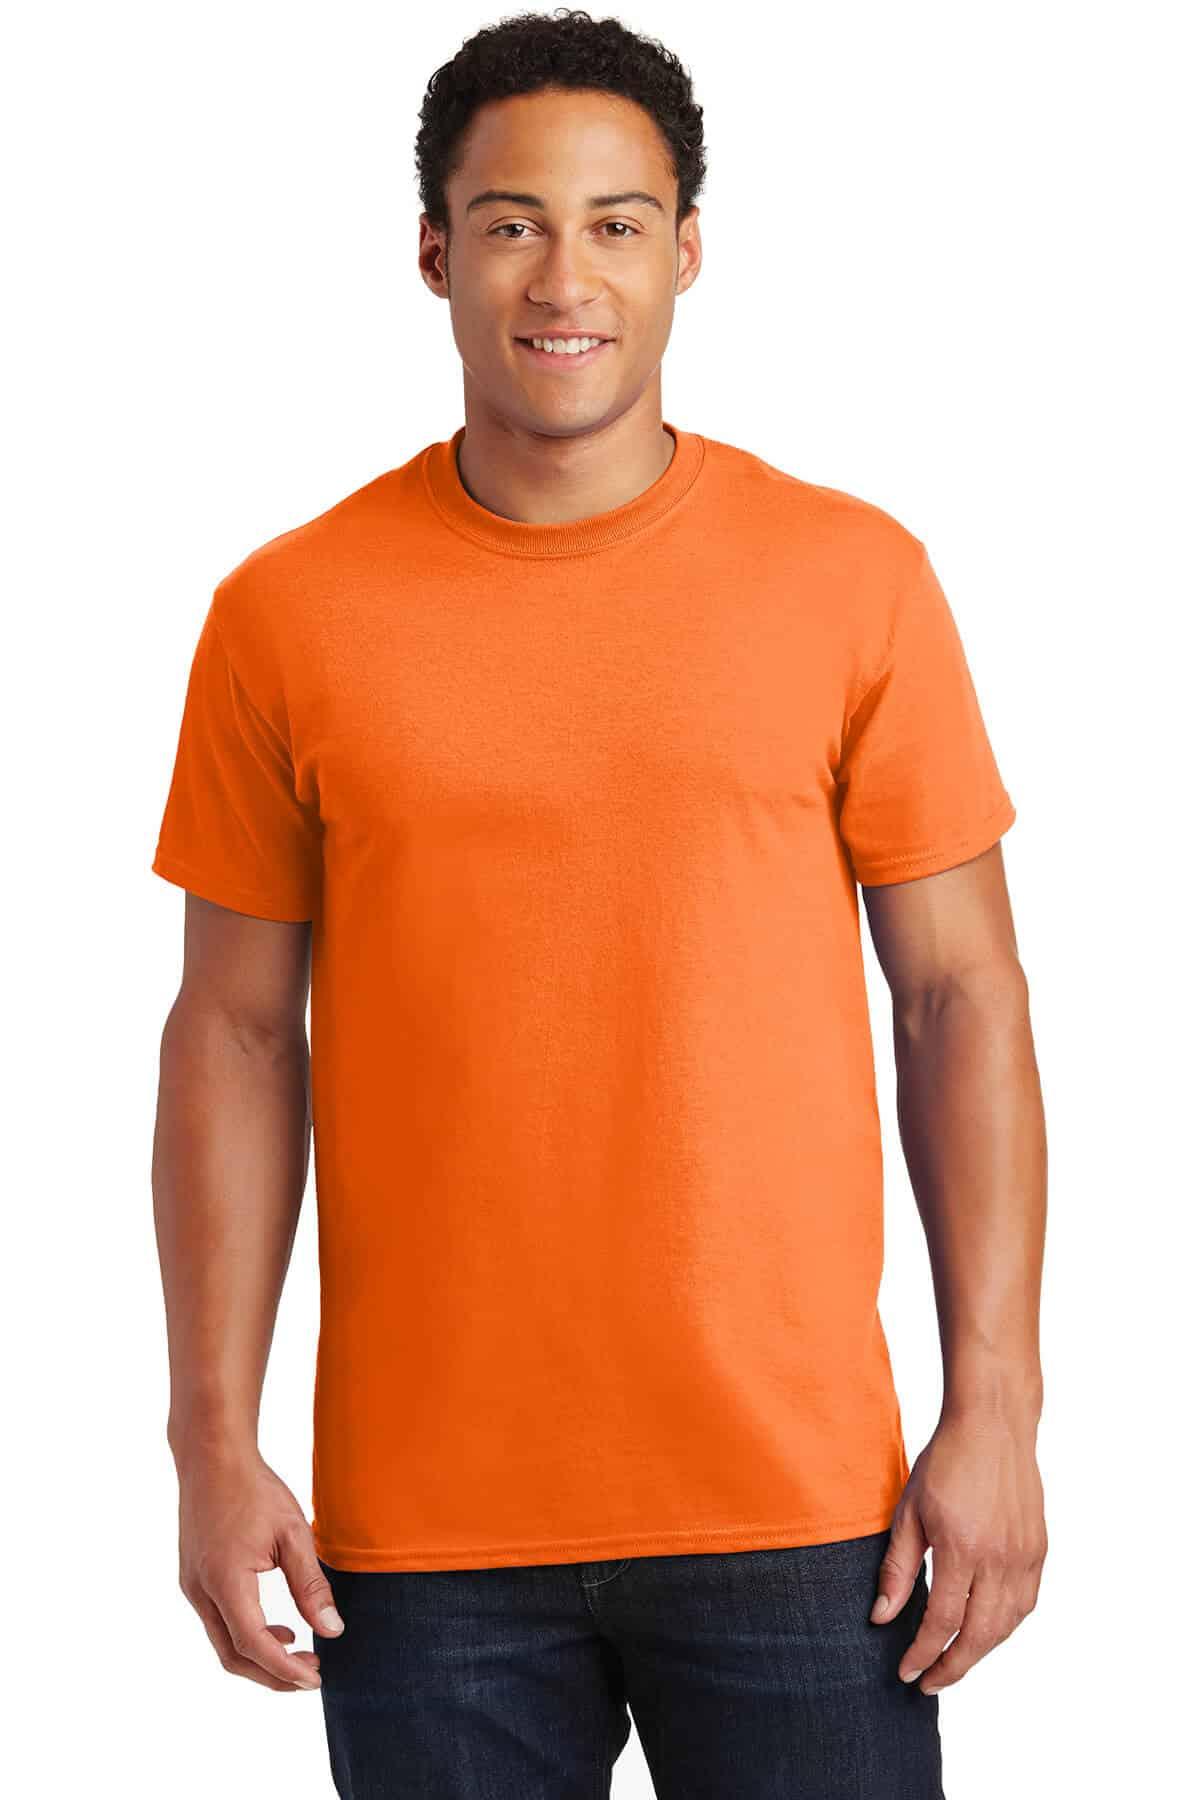 Southern Orange Teeshirt Front